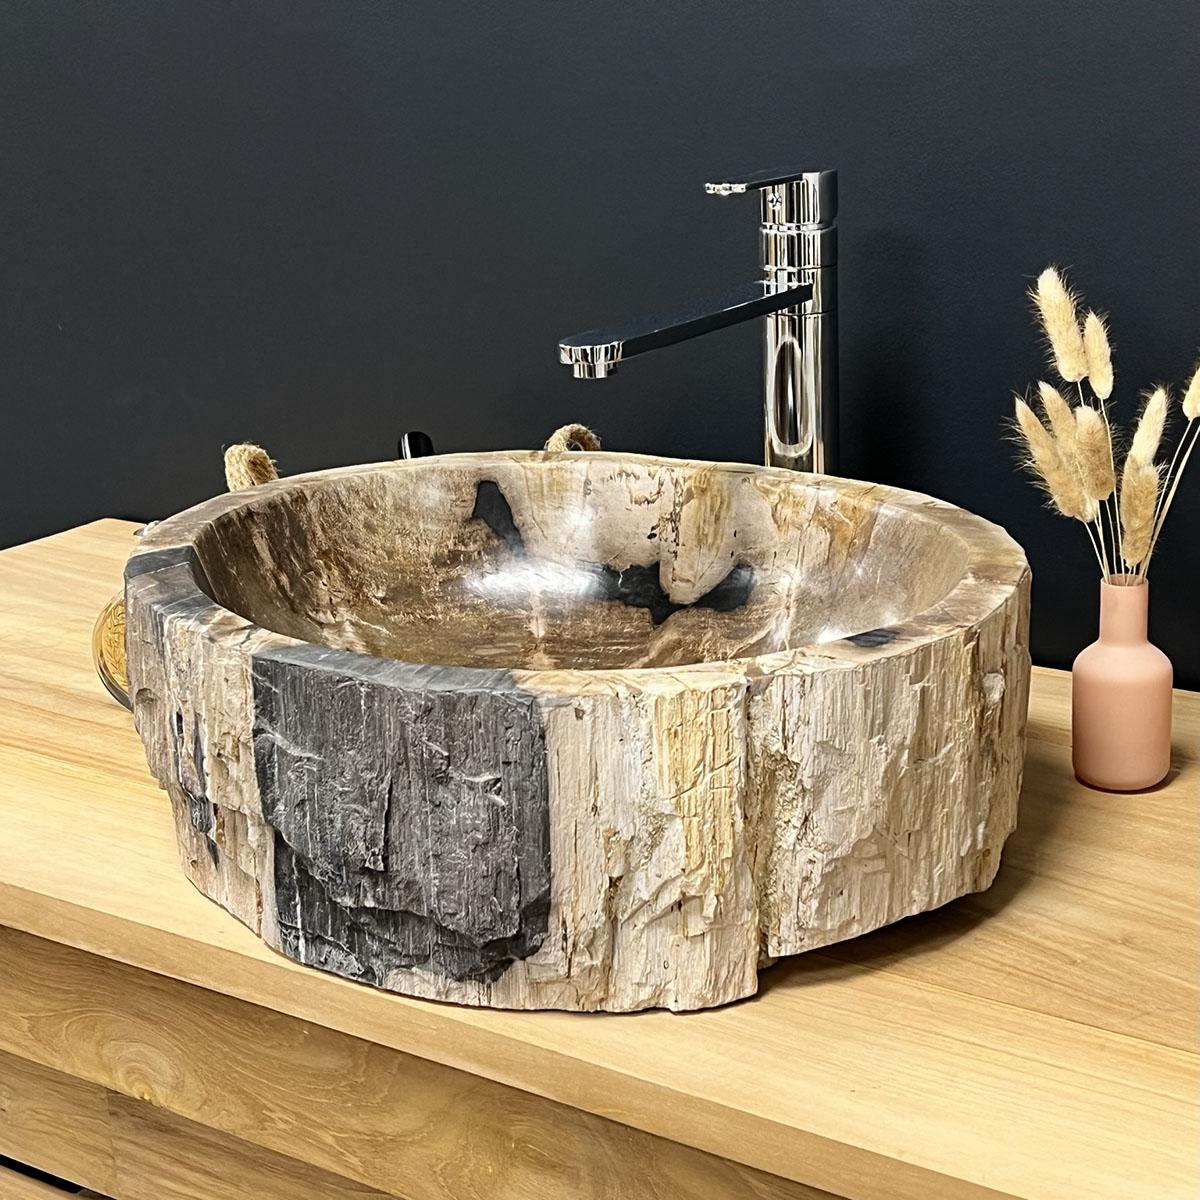 Vasque poser vasque en bois bois p trifi fossilis marron 65 cm - Vasque en bois ...